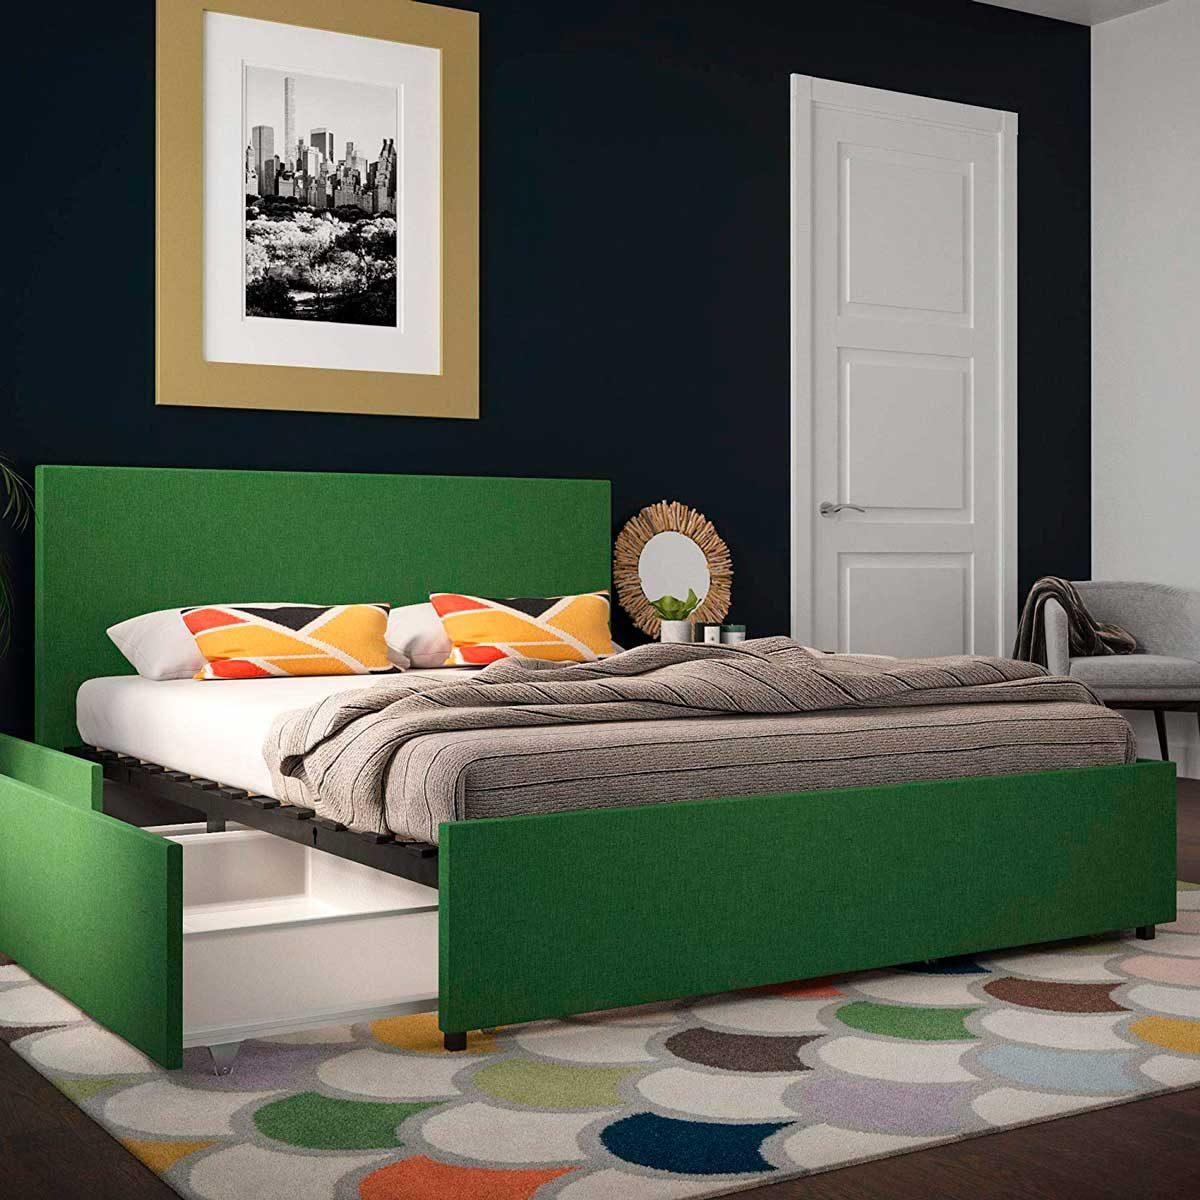 novogratz storage bed